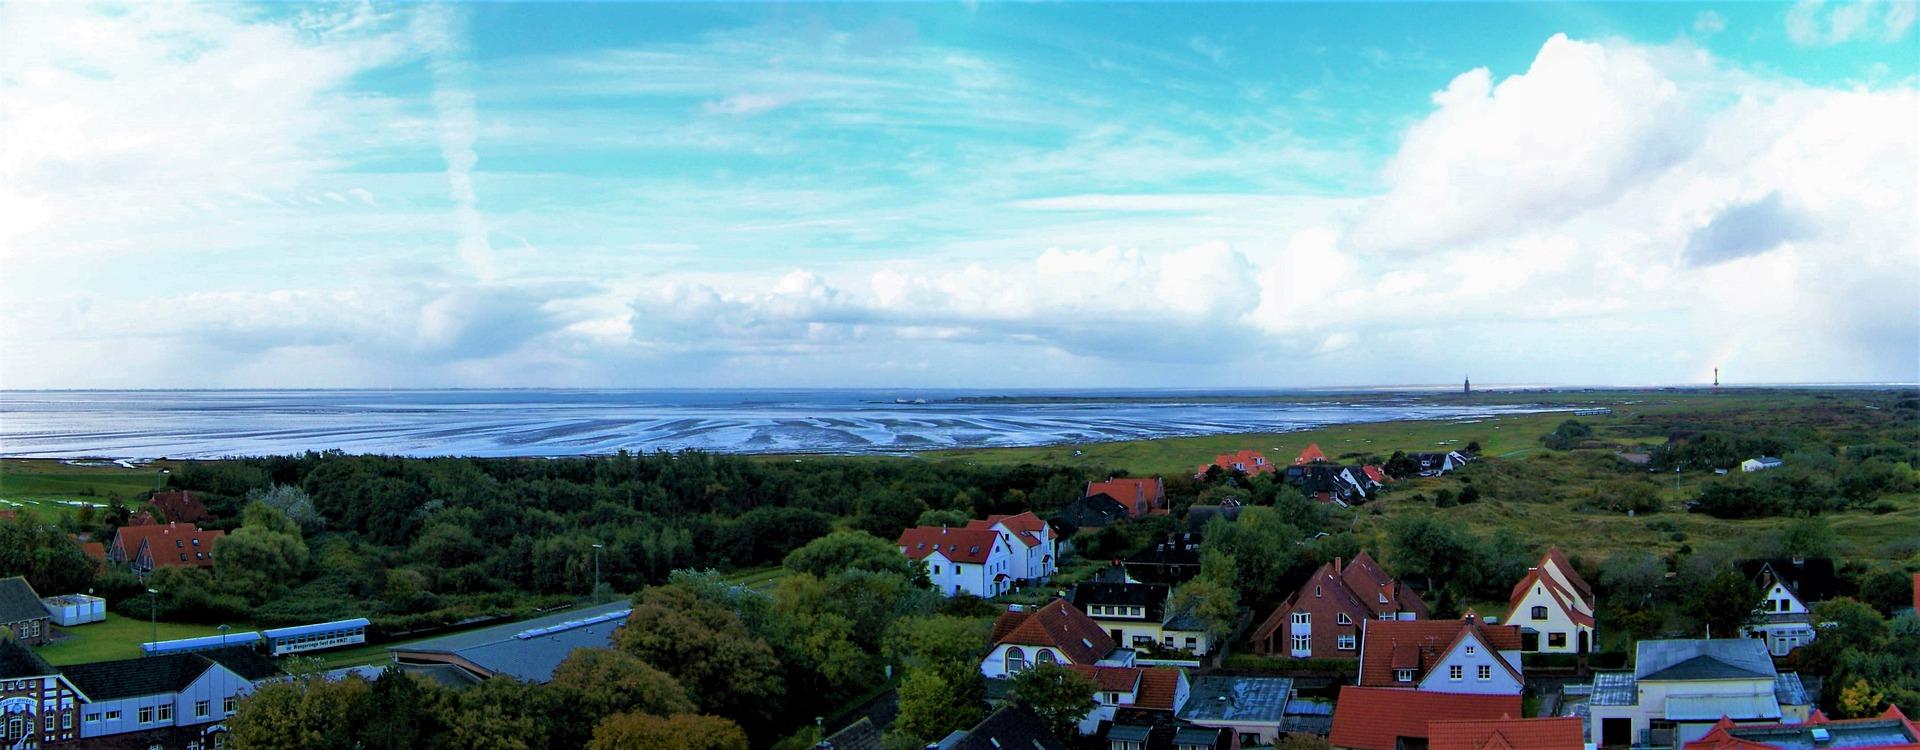 Blick über Wangerooge bei Wind und Wetter